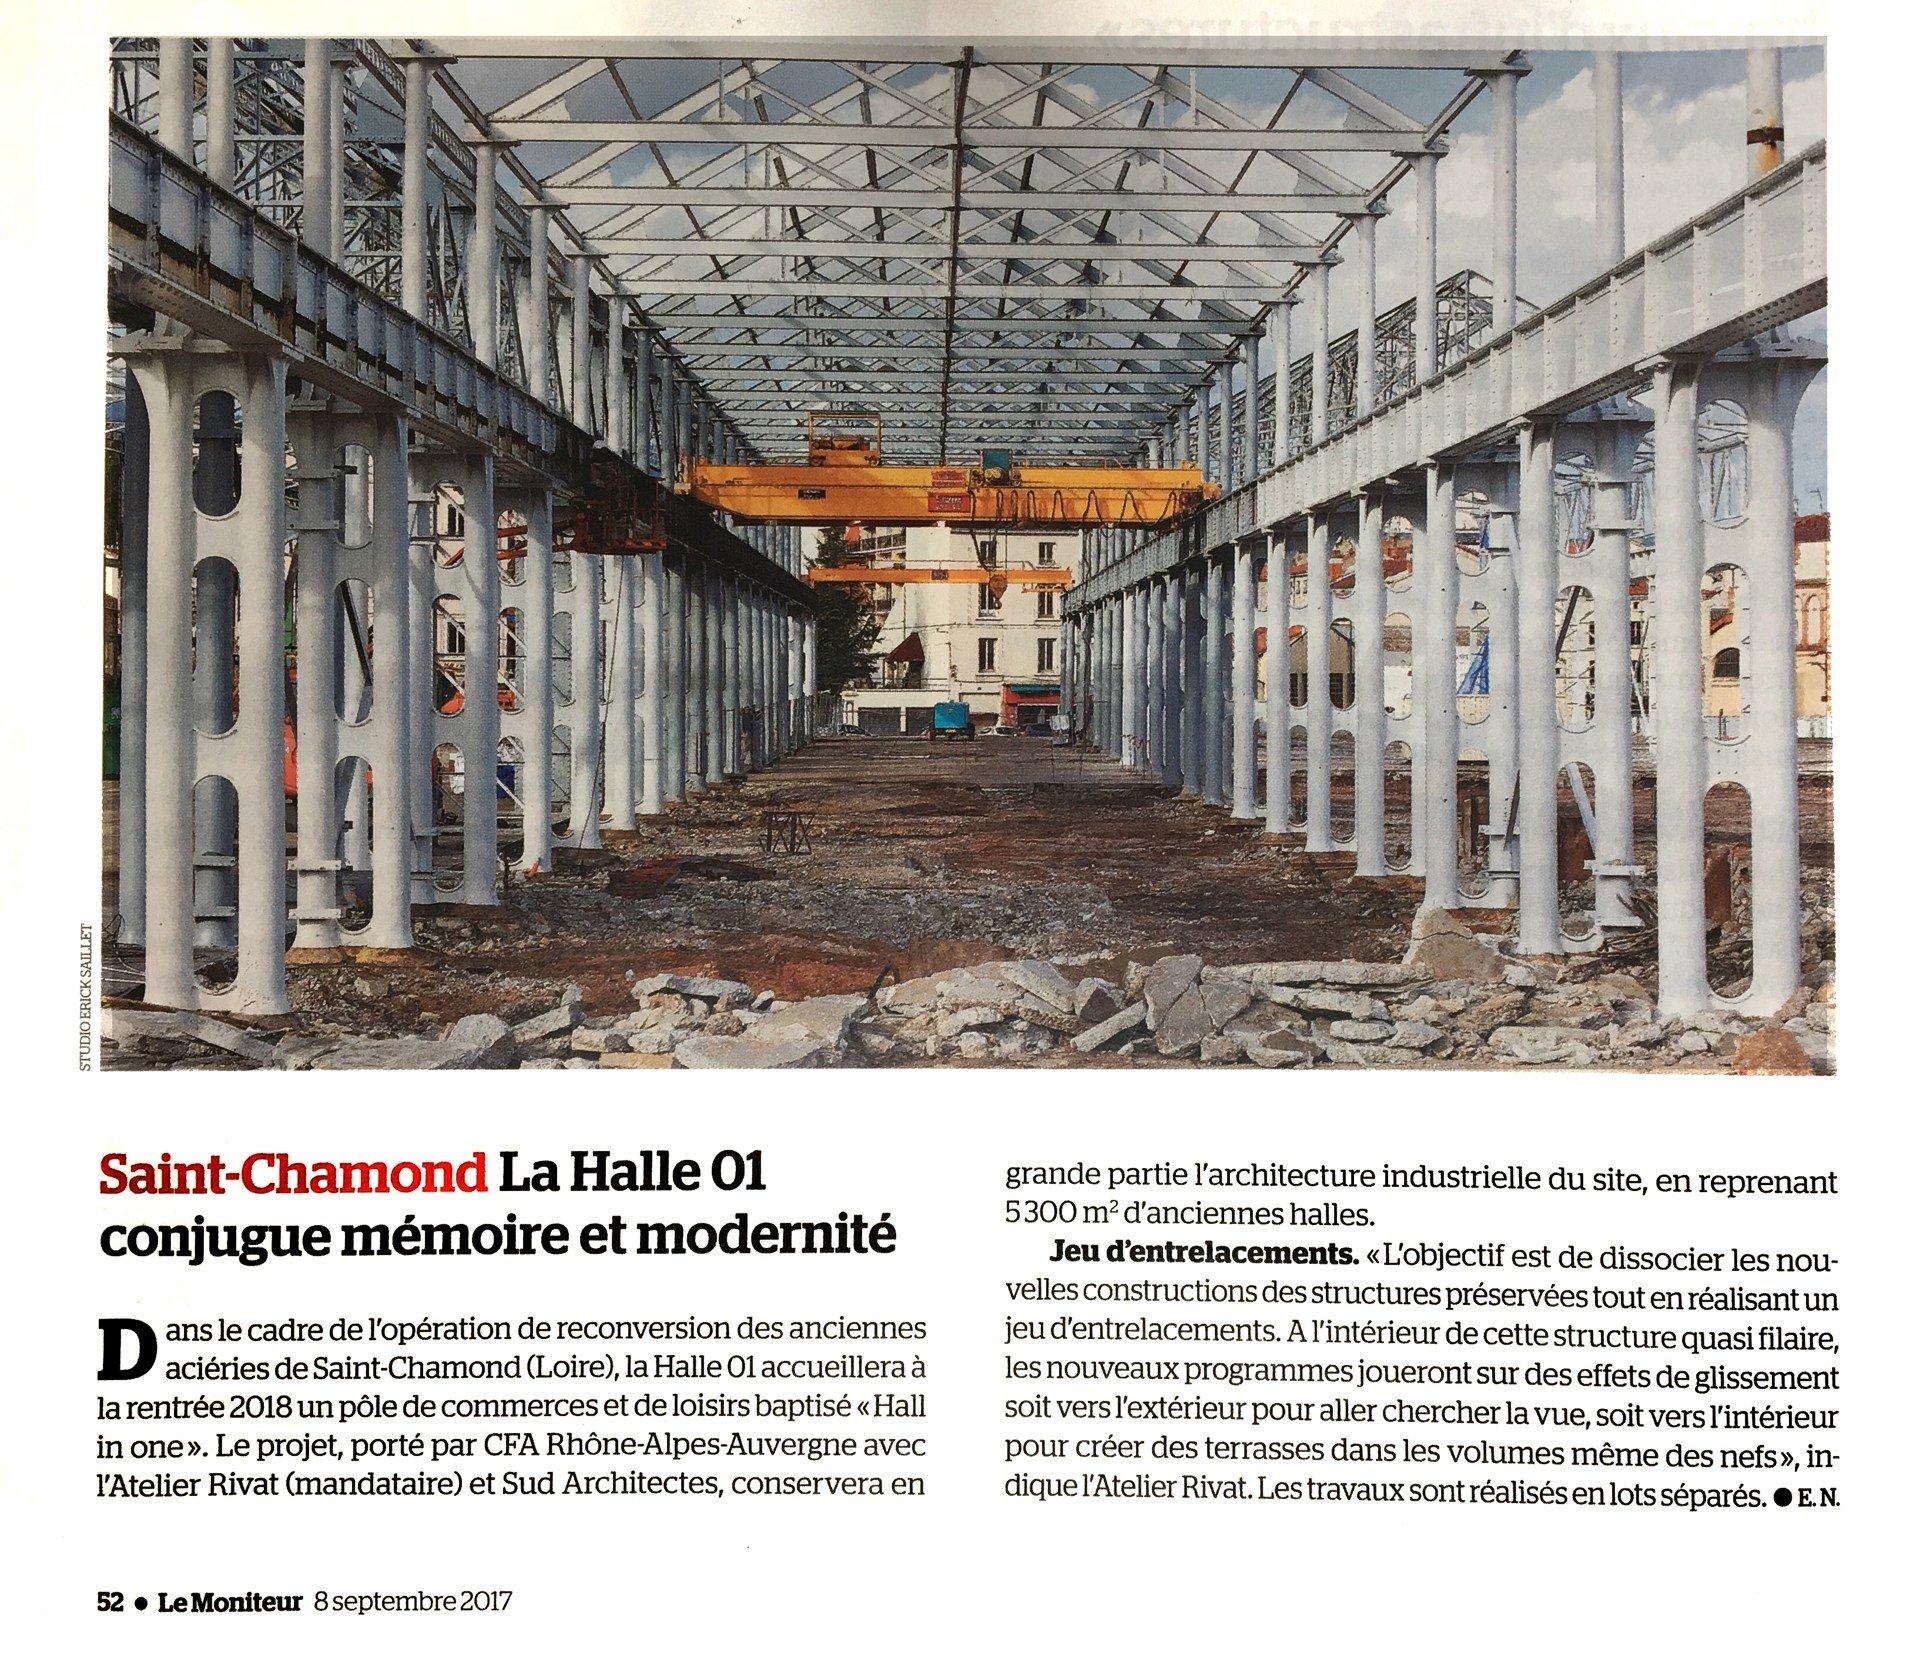 Nouvel article sur la reconversion des anciennes aciéries de Saint-Chamond.